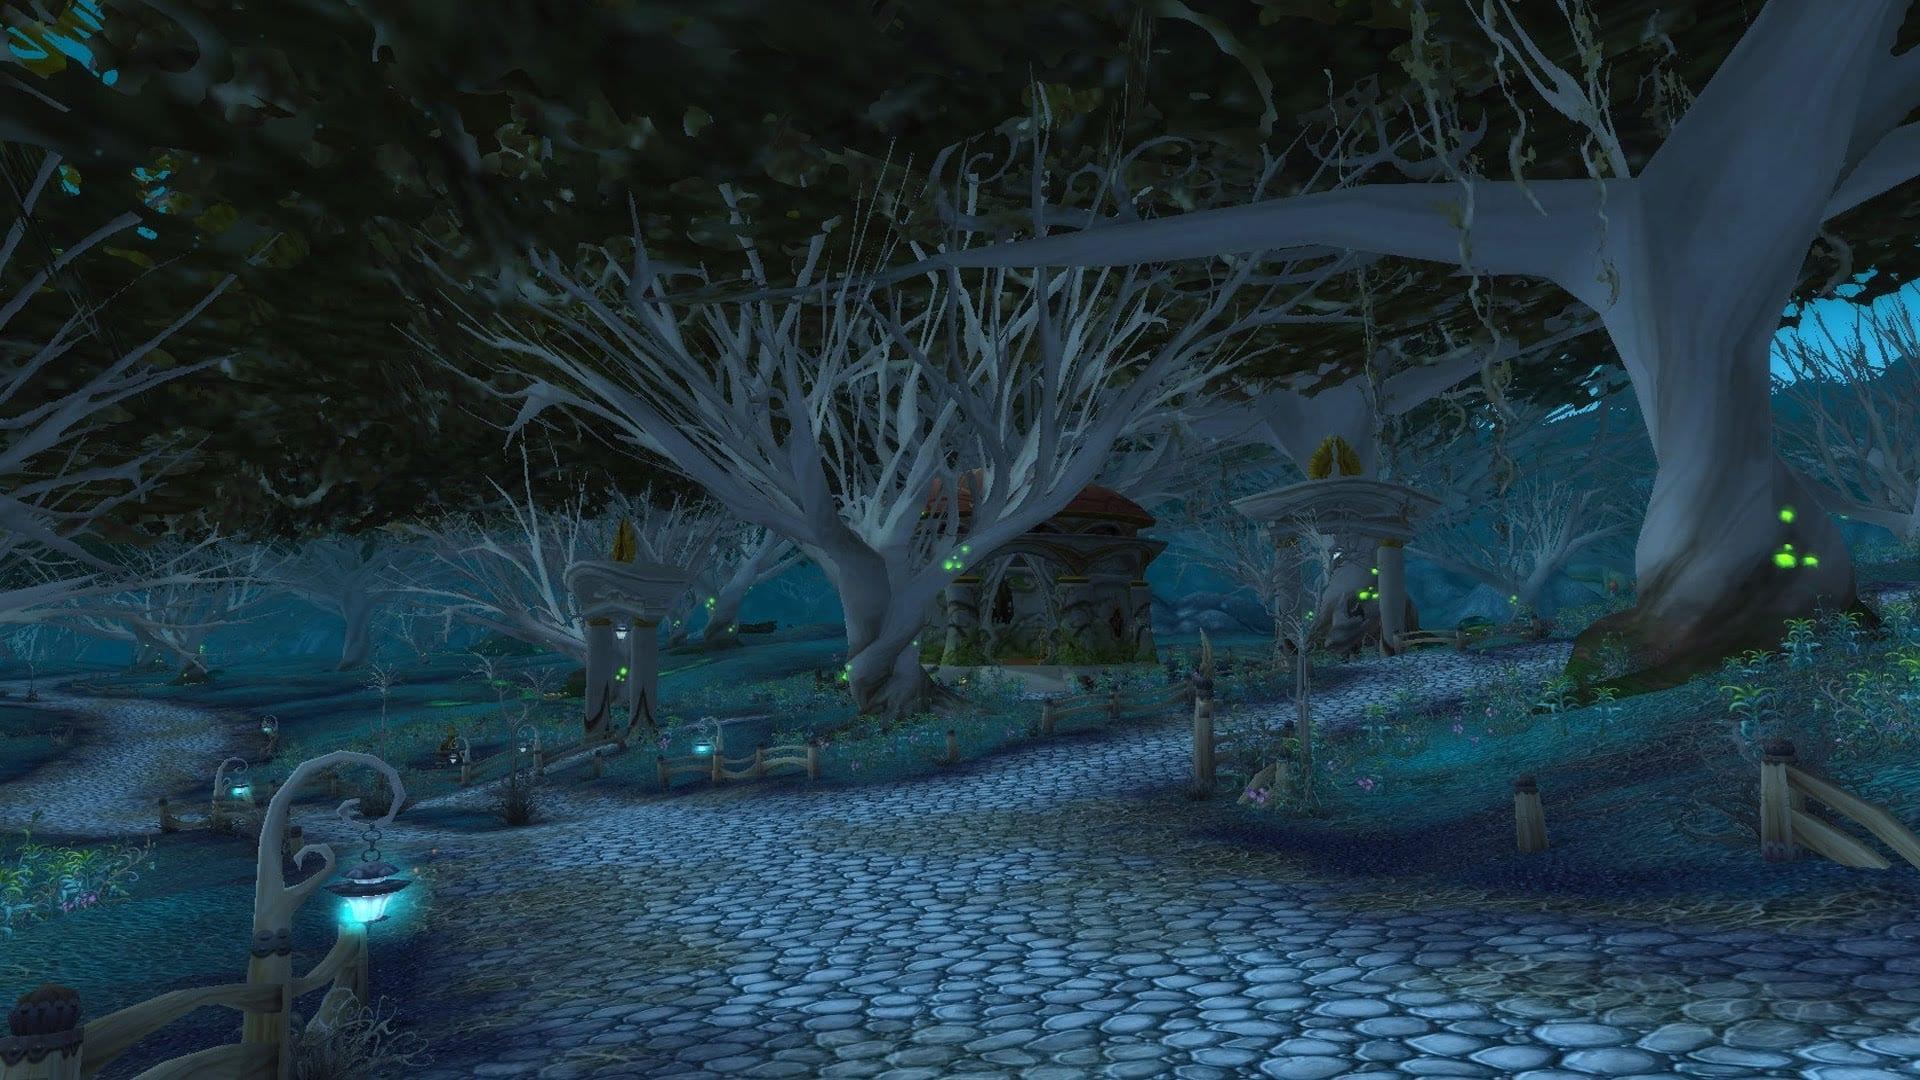 tierras fantasma 4